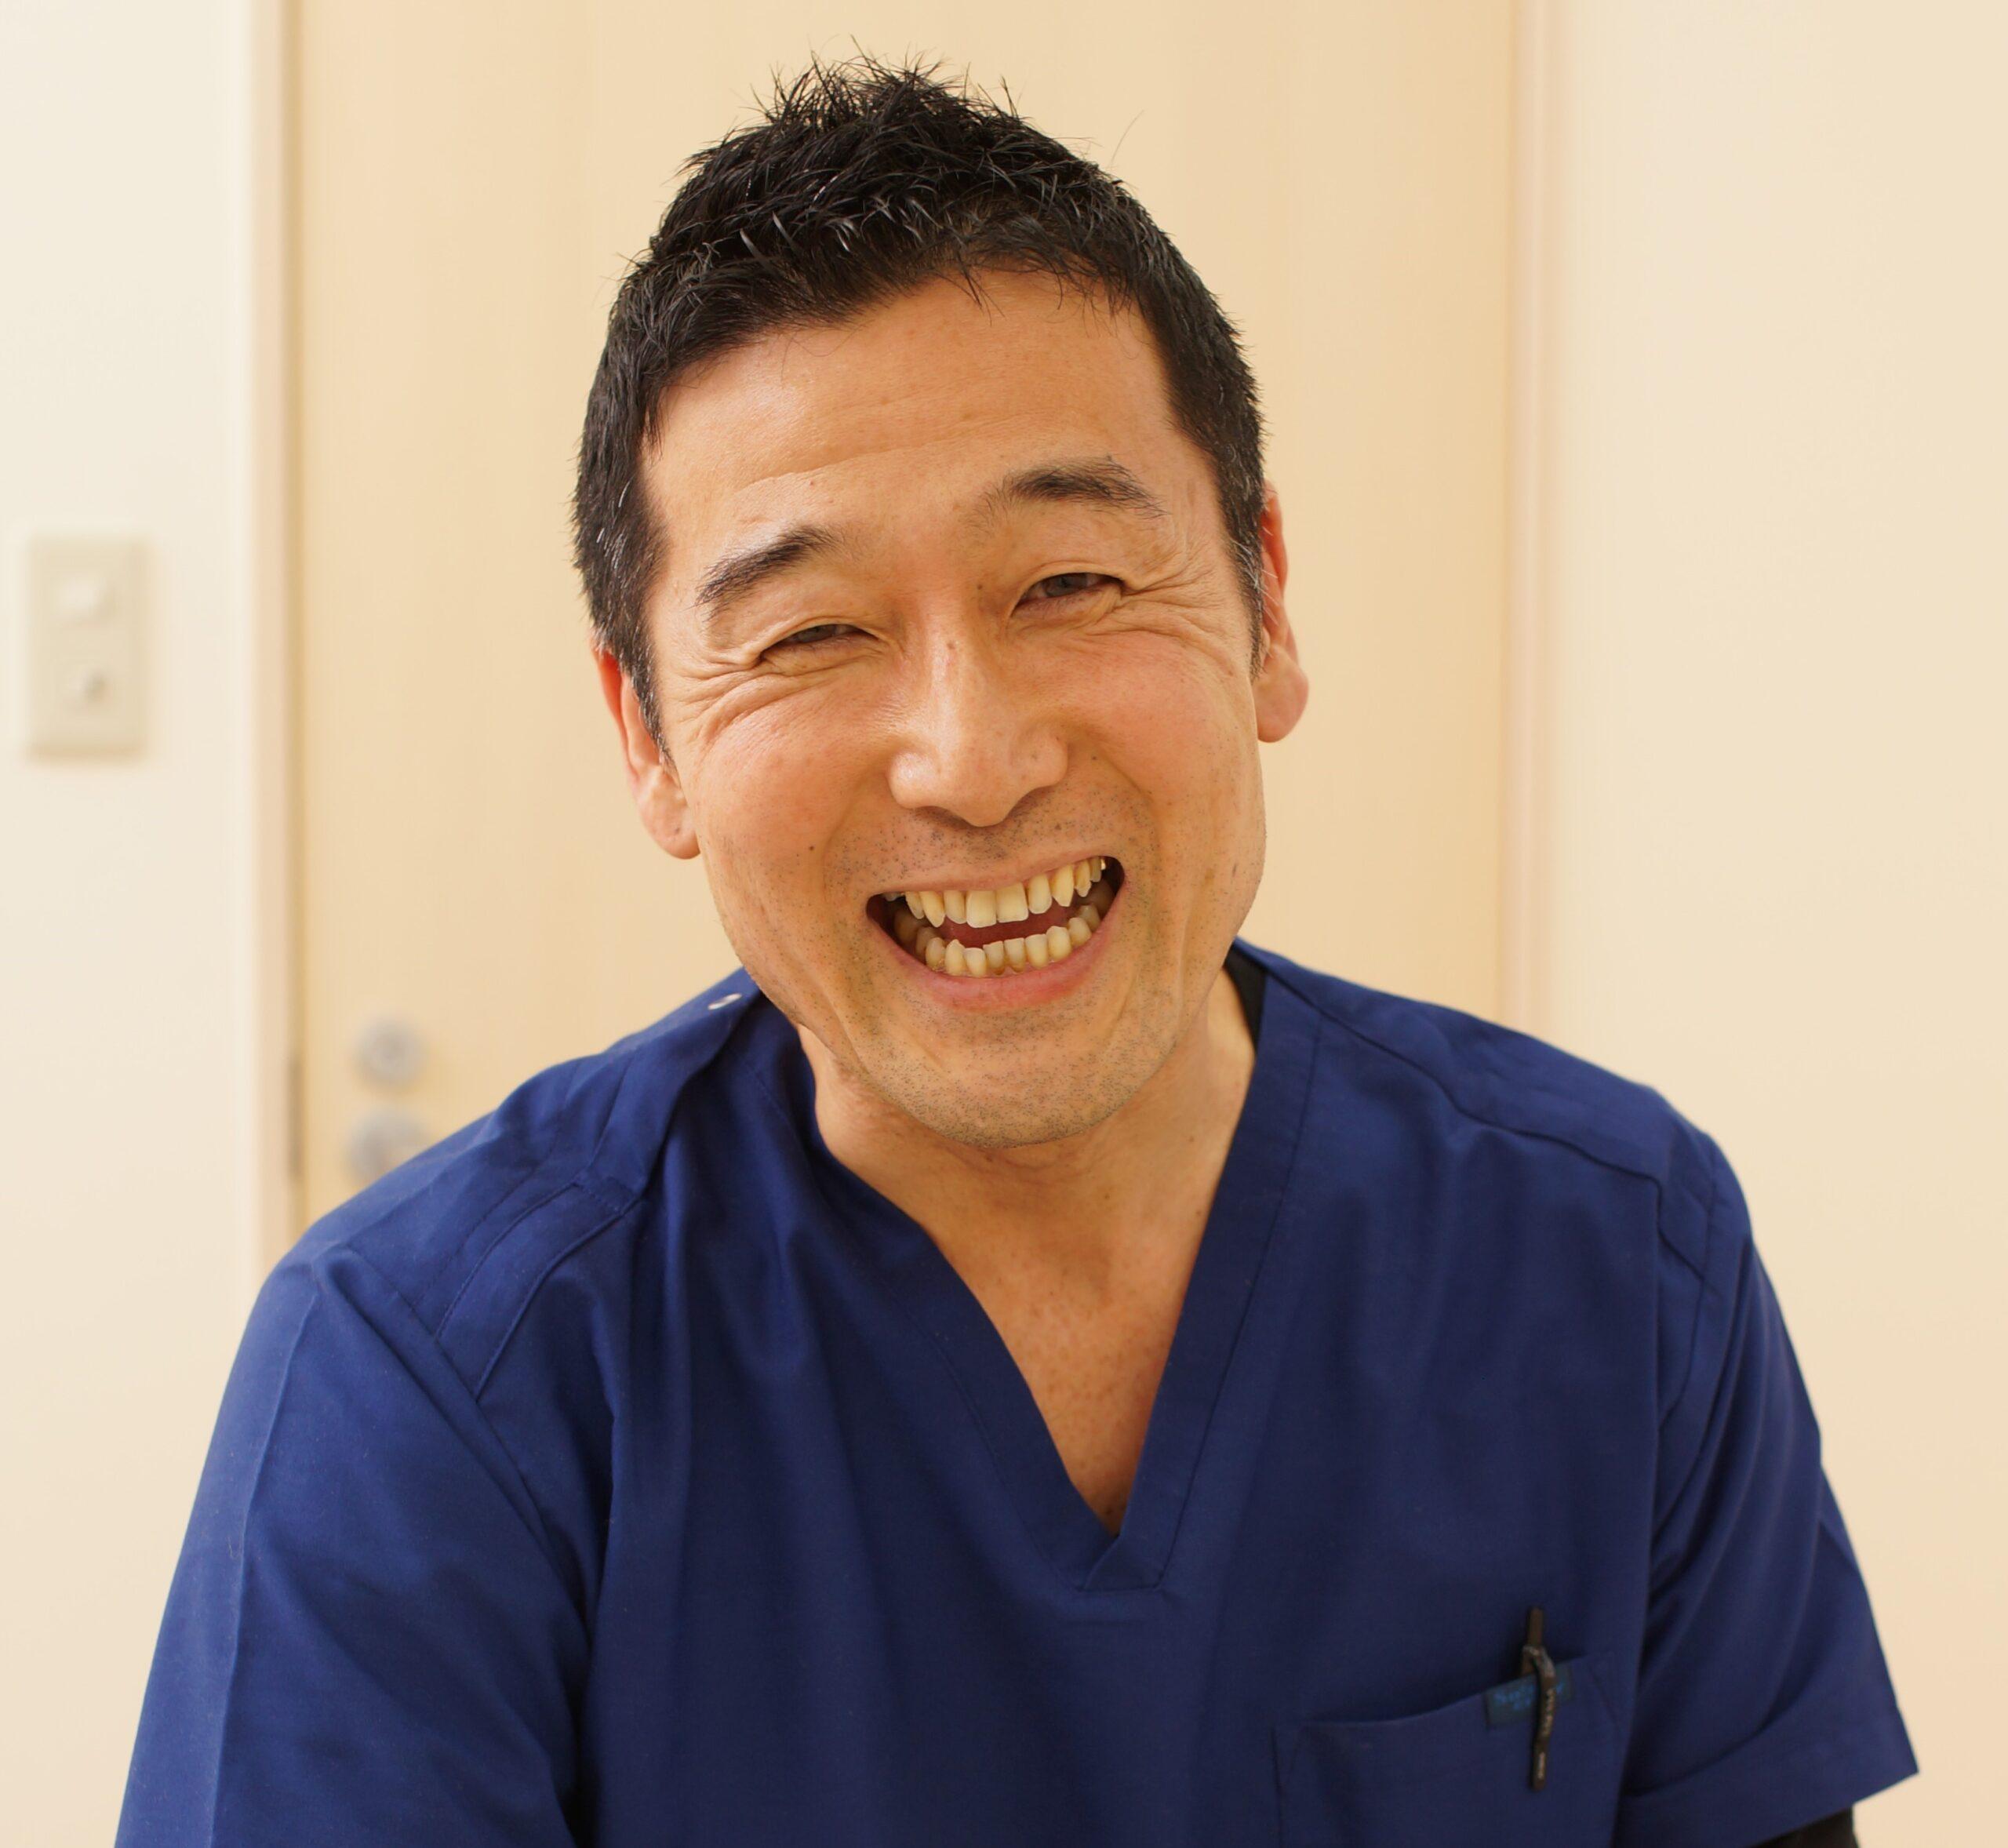 愛知県名古屋市熱田区の歯科医院 あつたの森歯科クリニック 院長 高田朋太郎先生